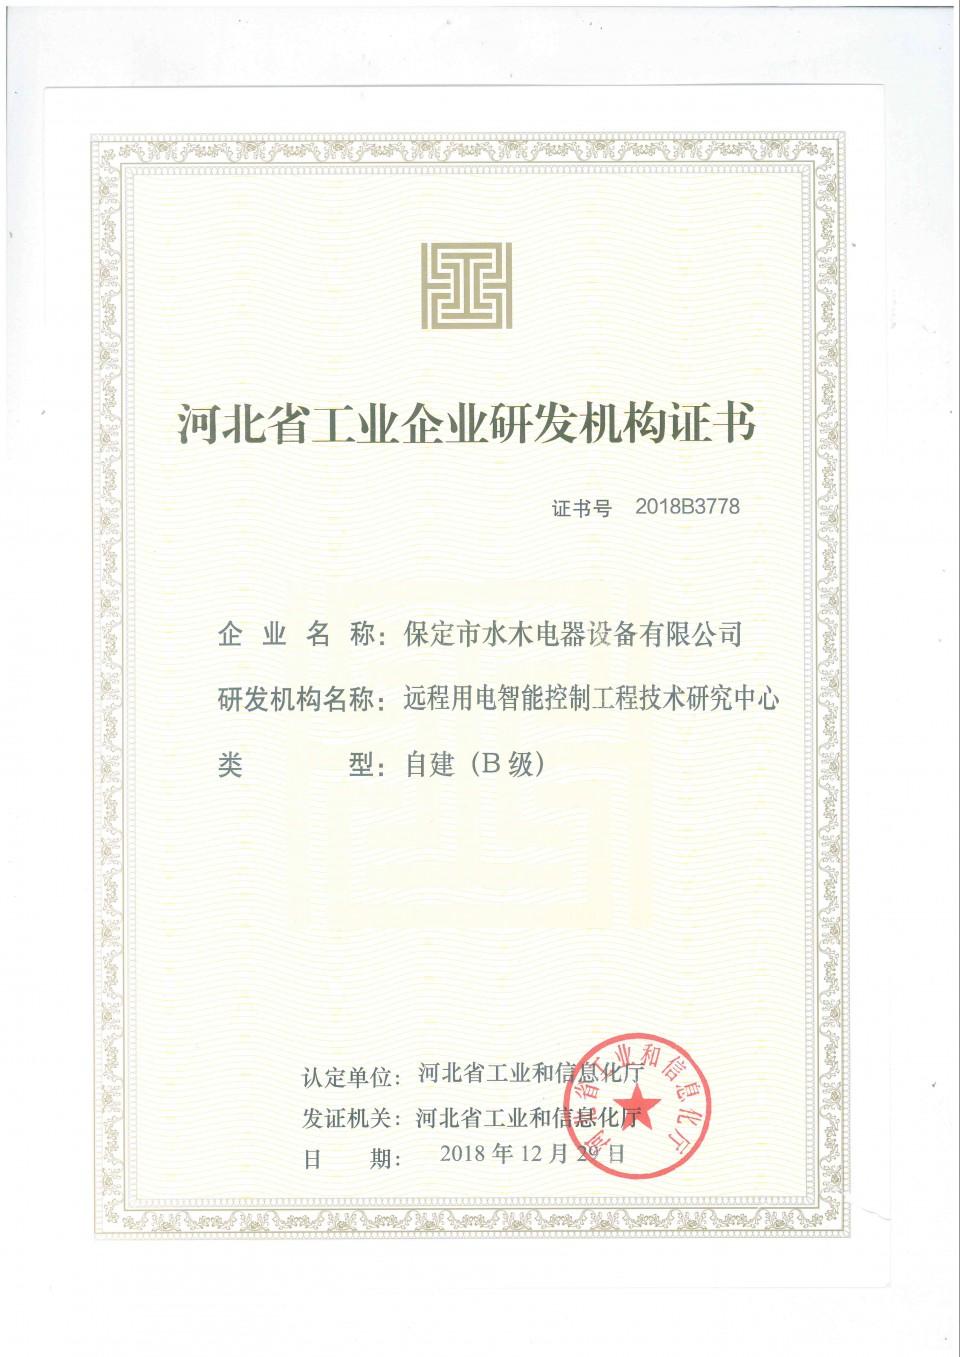 河北省工業企業研發機構證書